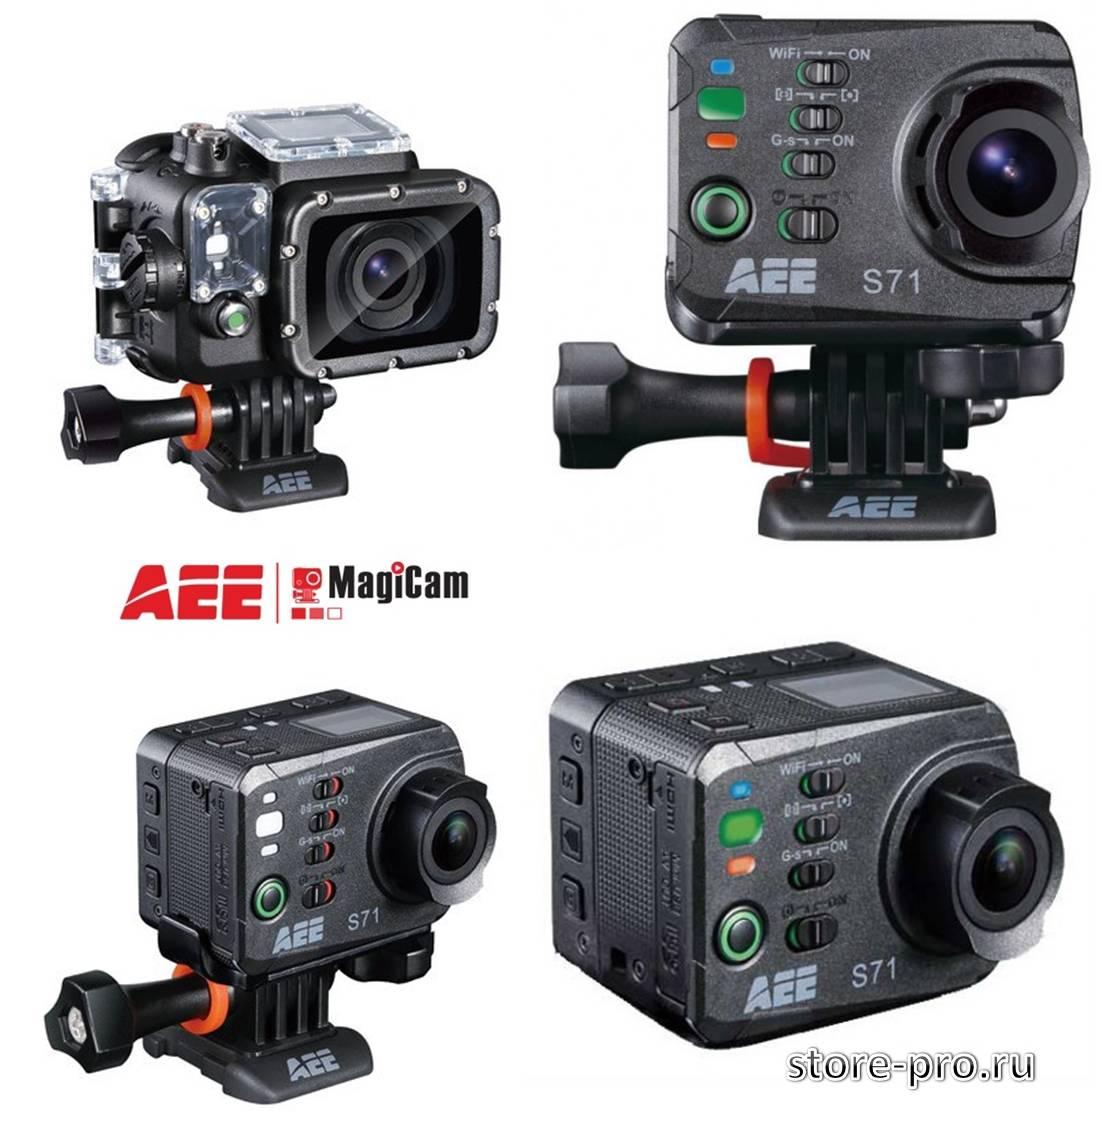 Обзор, характеристика экшен камеры AEE MagiCam S71